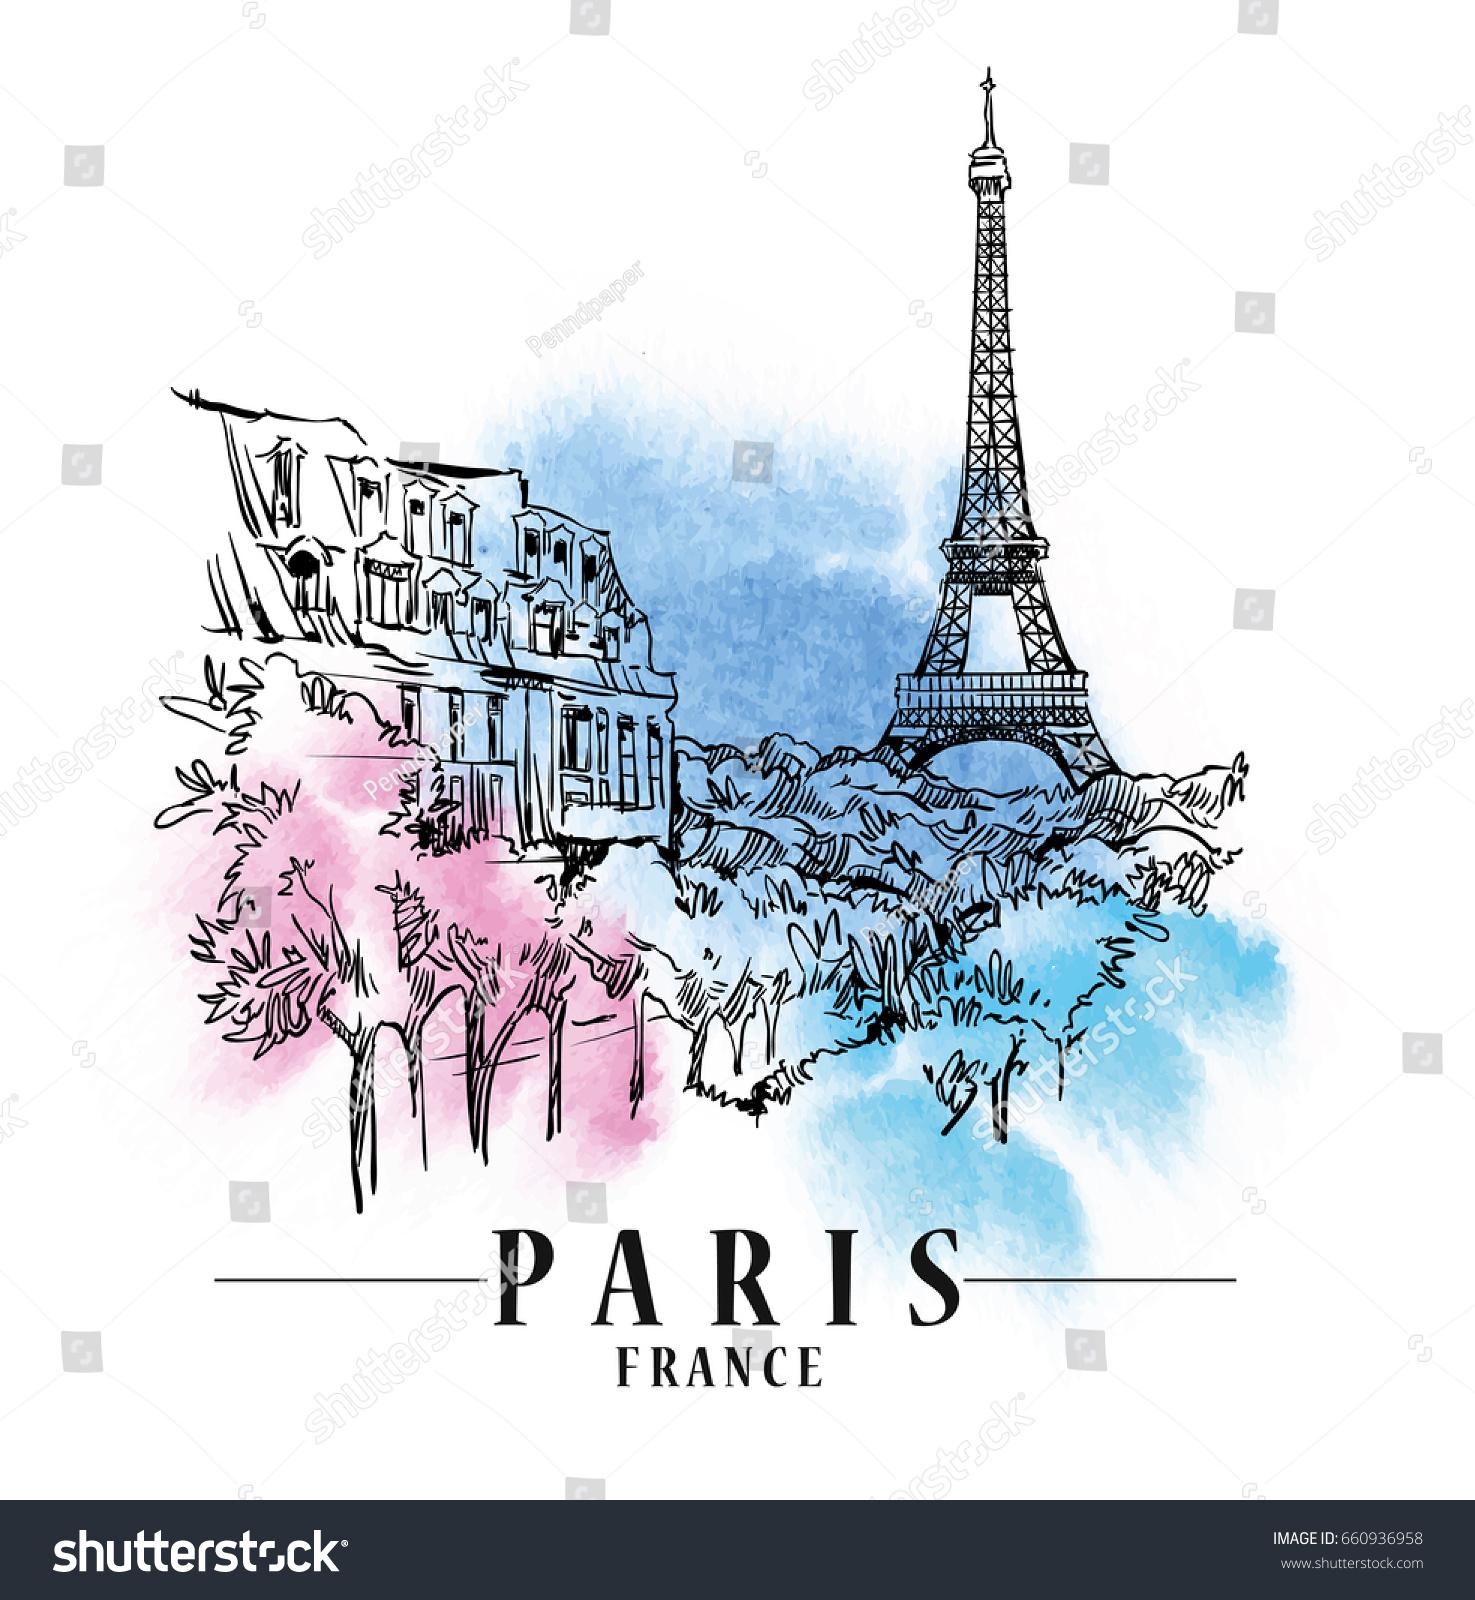 Paris Illustration: Paris Illustration Vector Artwork Watercolor Background